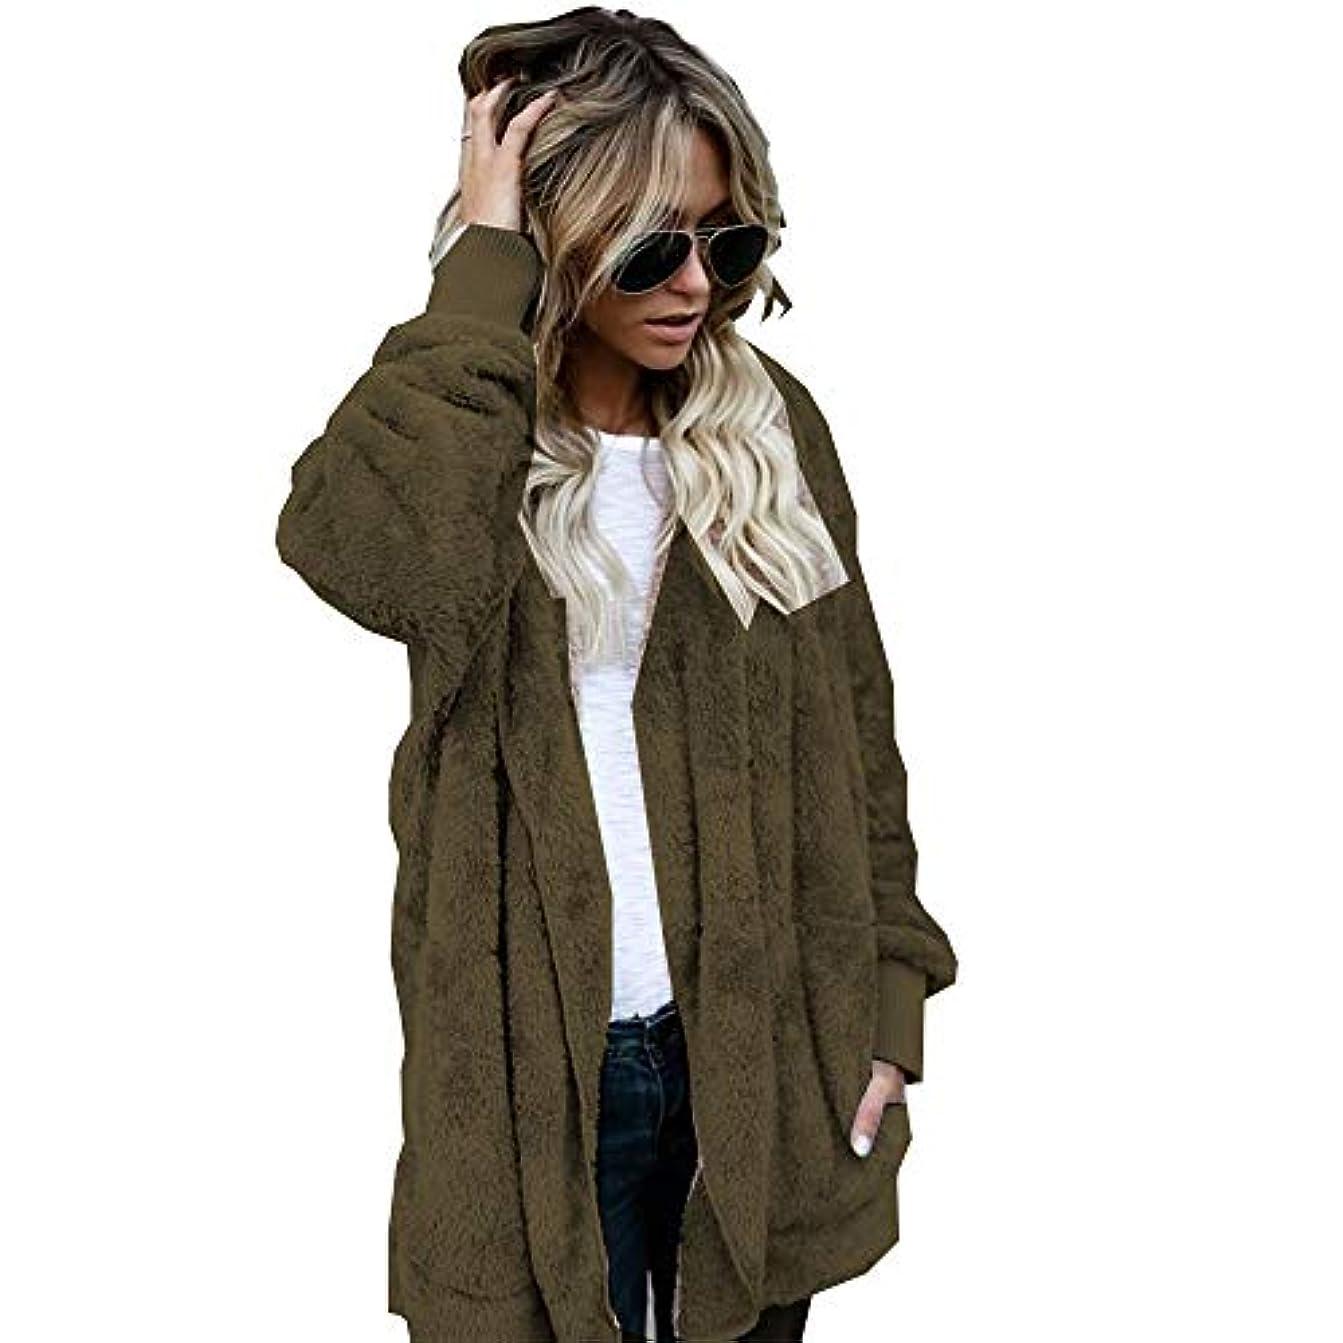 やさしく系譜配当MIFAN 長袖パーカー、冬のコート、女性のコート、女性の緩い厚く暖かいフェイクファーフード付きカーディガン